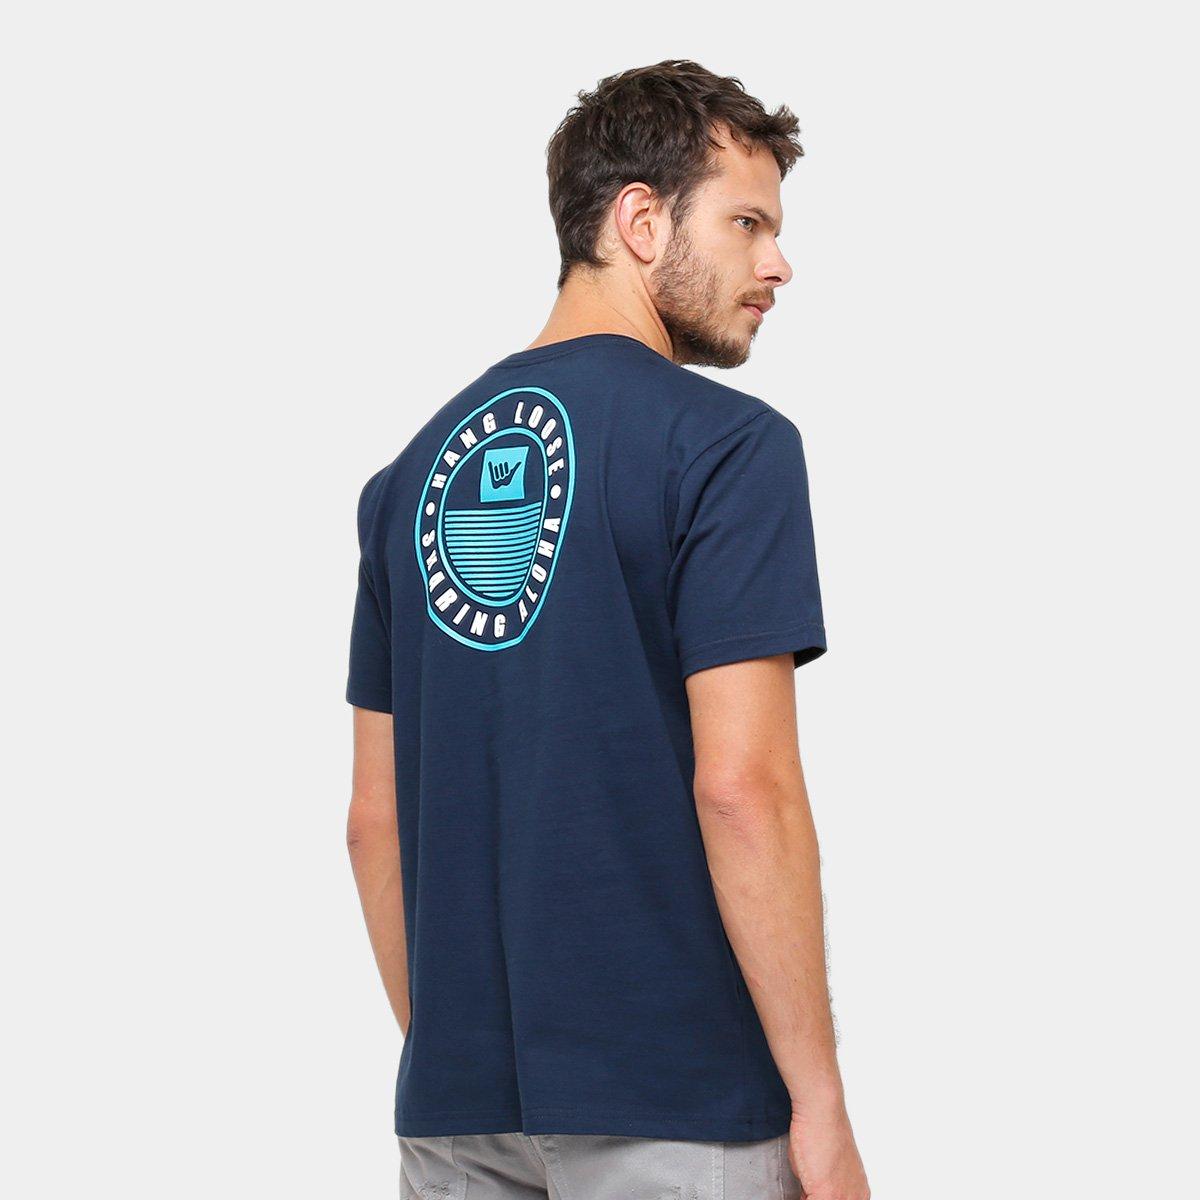 a6ec3e6944 Camiseta Hang Loose Pineapple Masculina  Camiseta Hang Loose Pineapple  Masculina ...